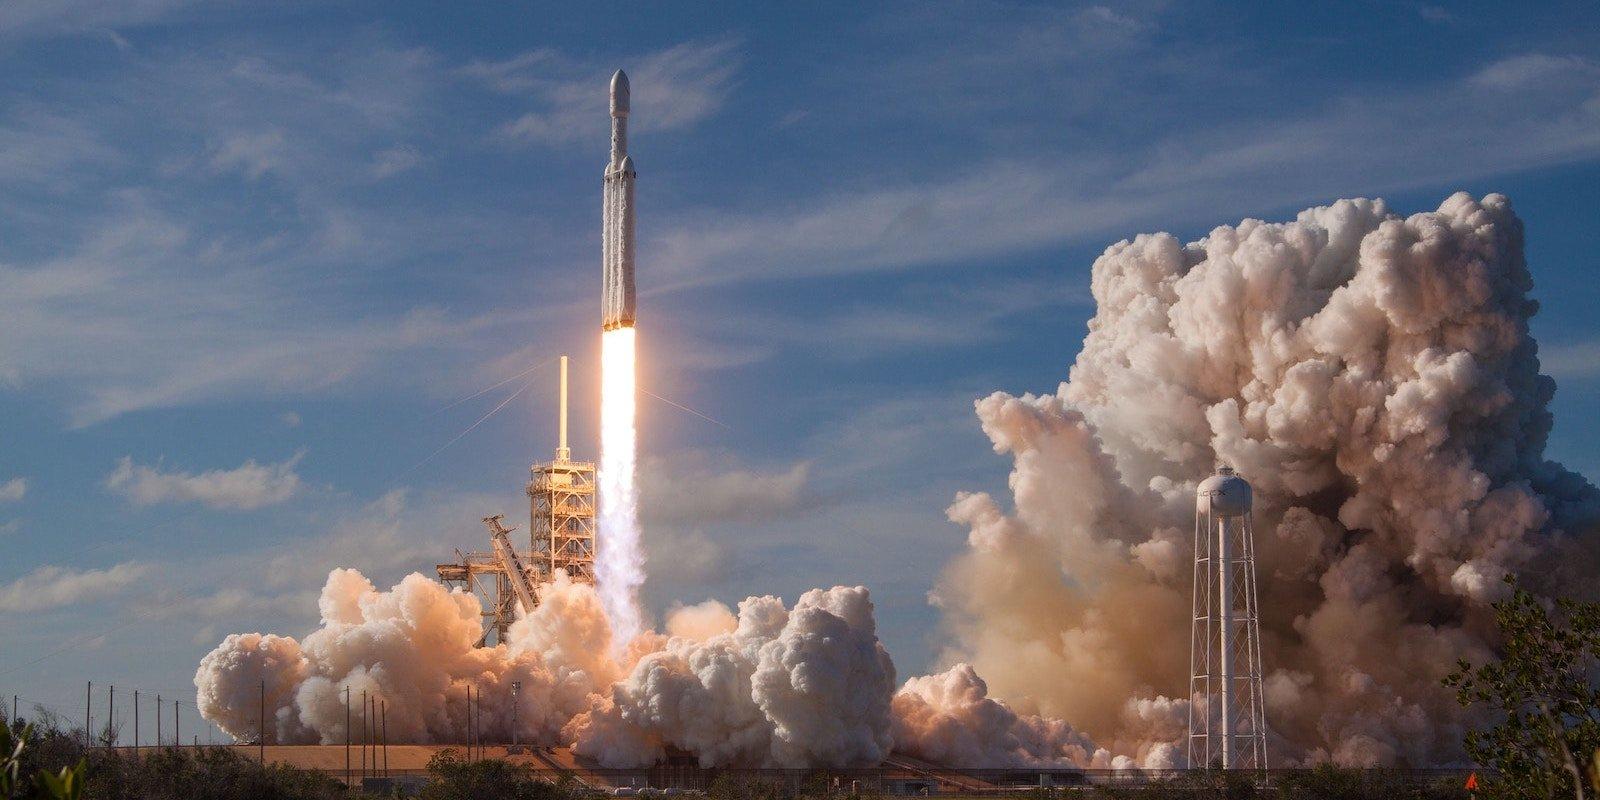 spacex-549326-unsplas